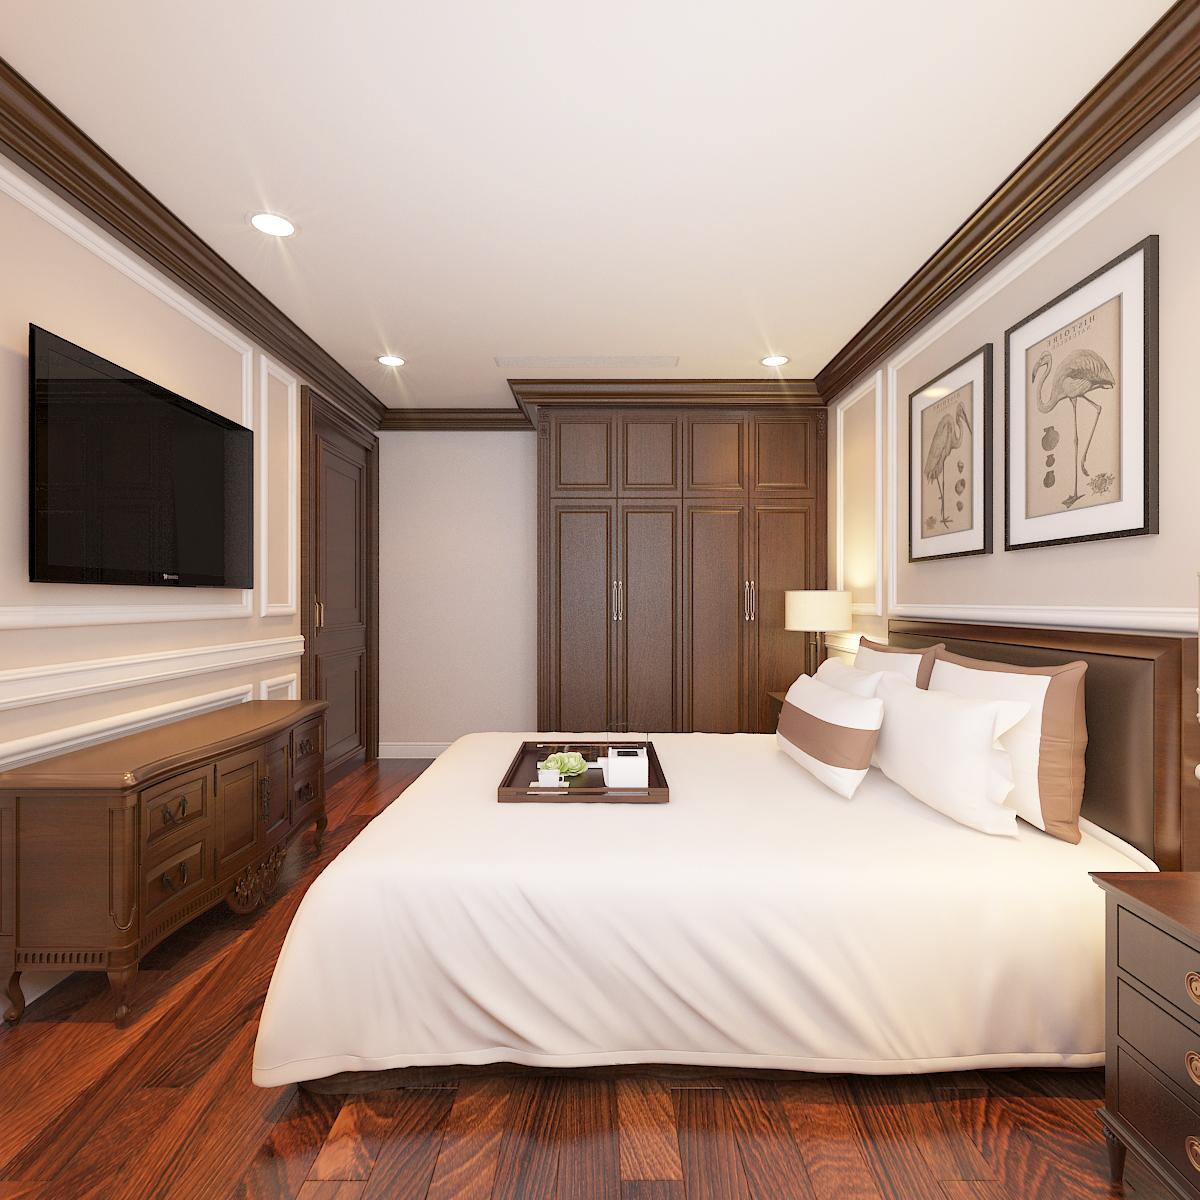 thiết kế nội thất Biệt Thự tại Hà Nội bt Vinhomes - riverside 53 1568276285